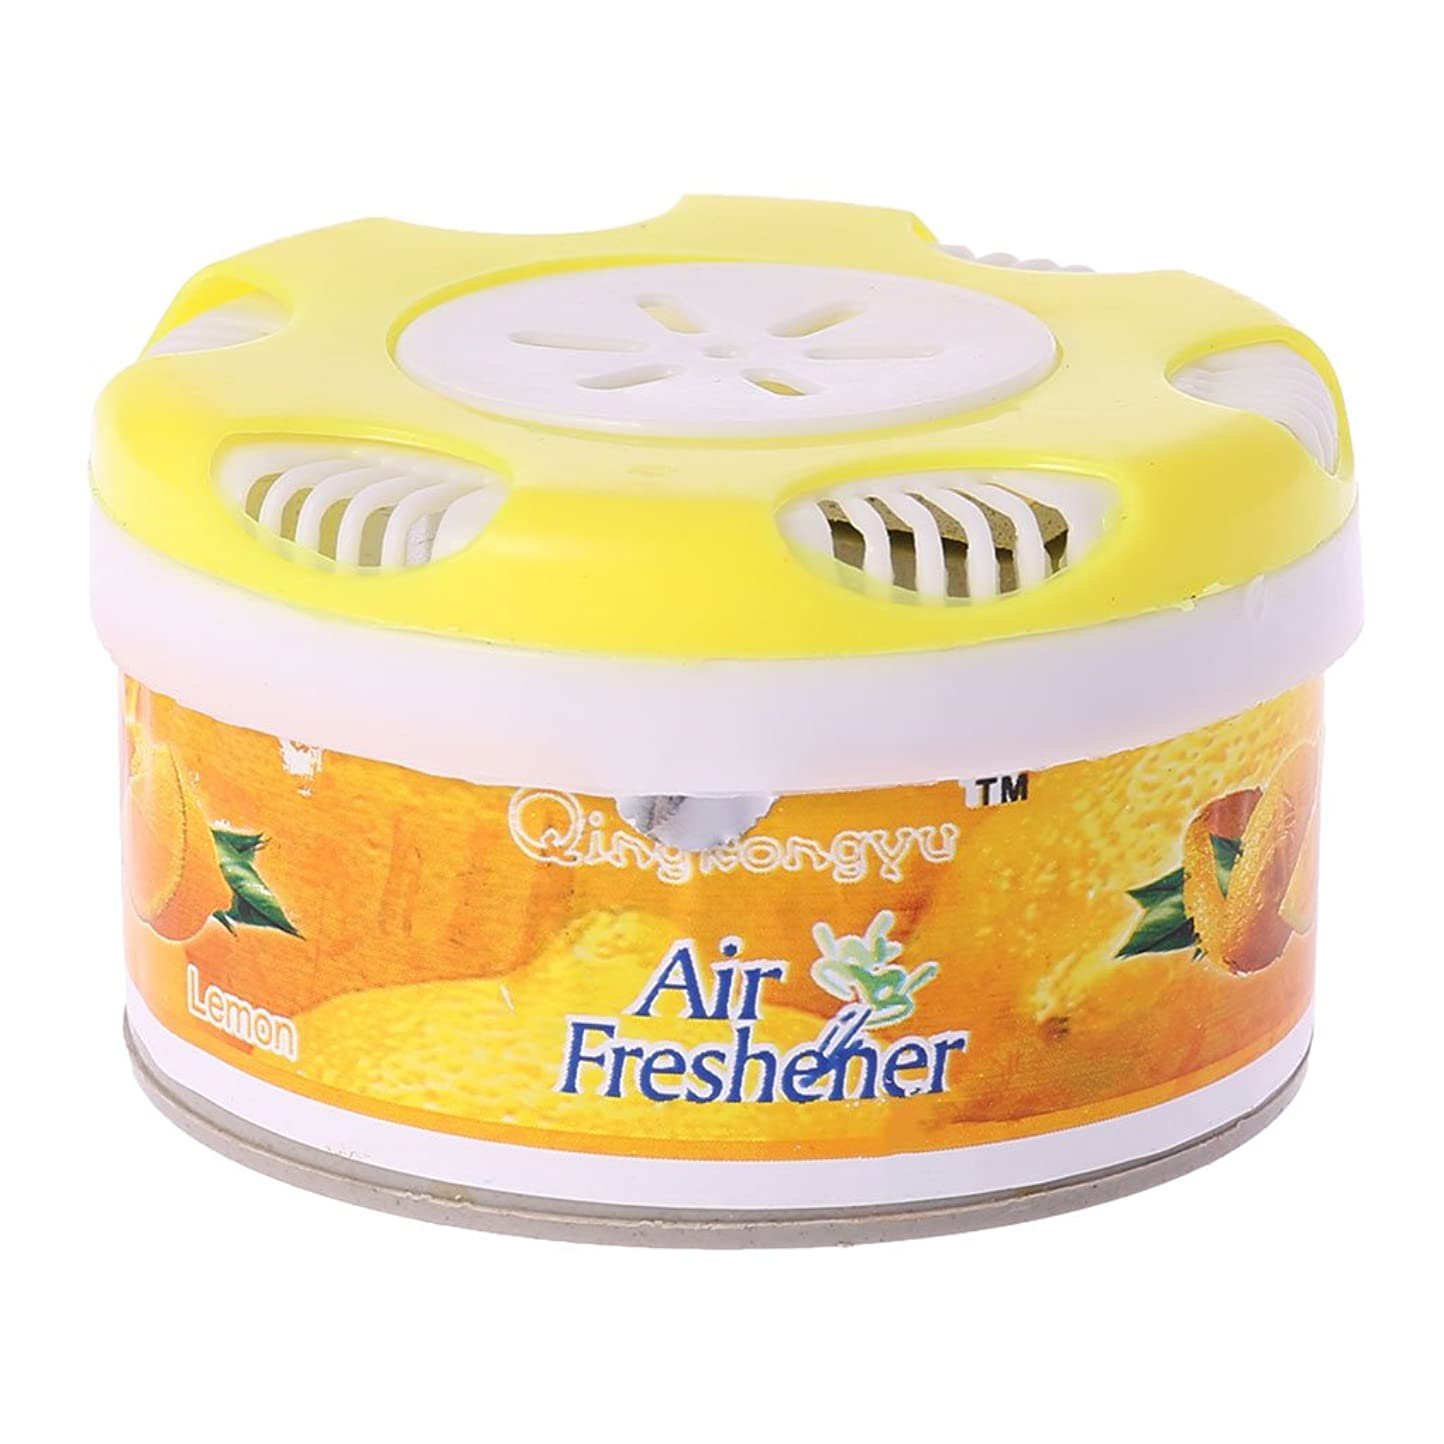 コイルショルダー解明Manyao ソリッド香り脱臭香水ホームバスルーム室内車空気清浄機 (NO.3)